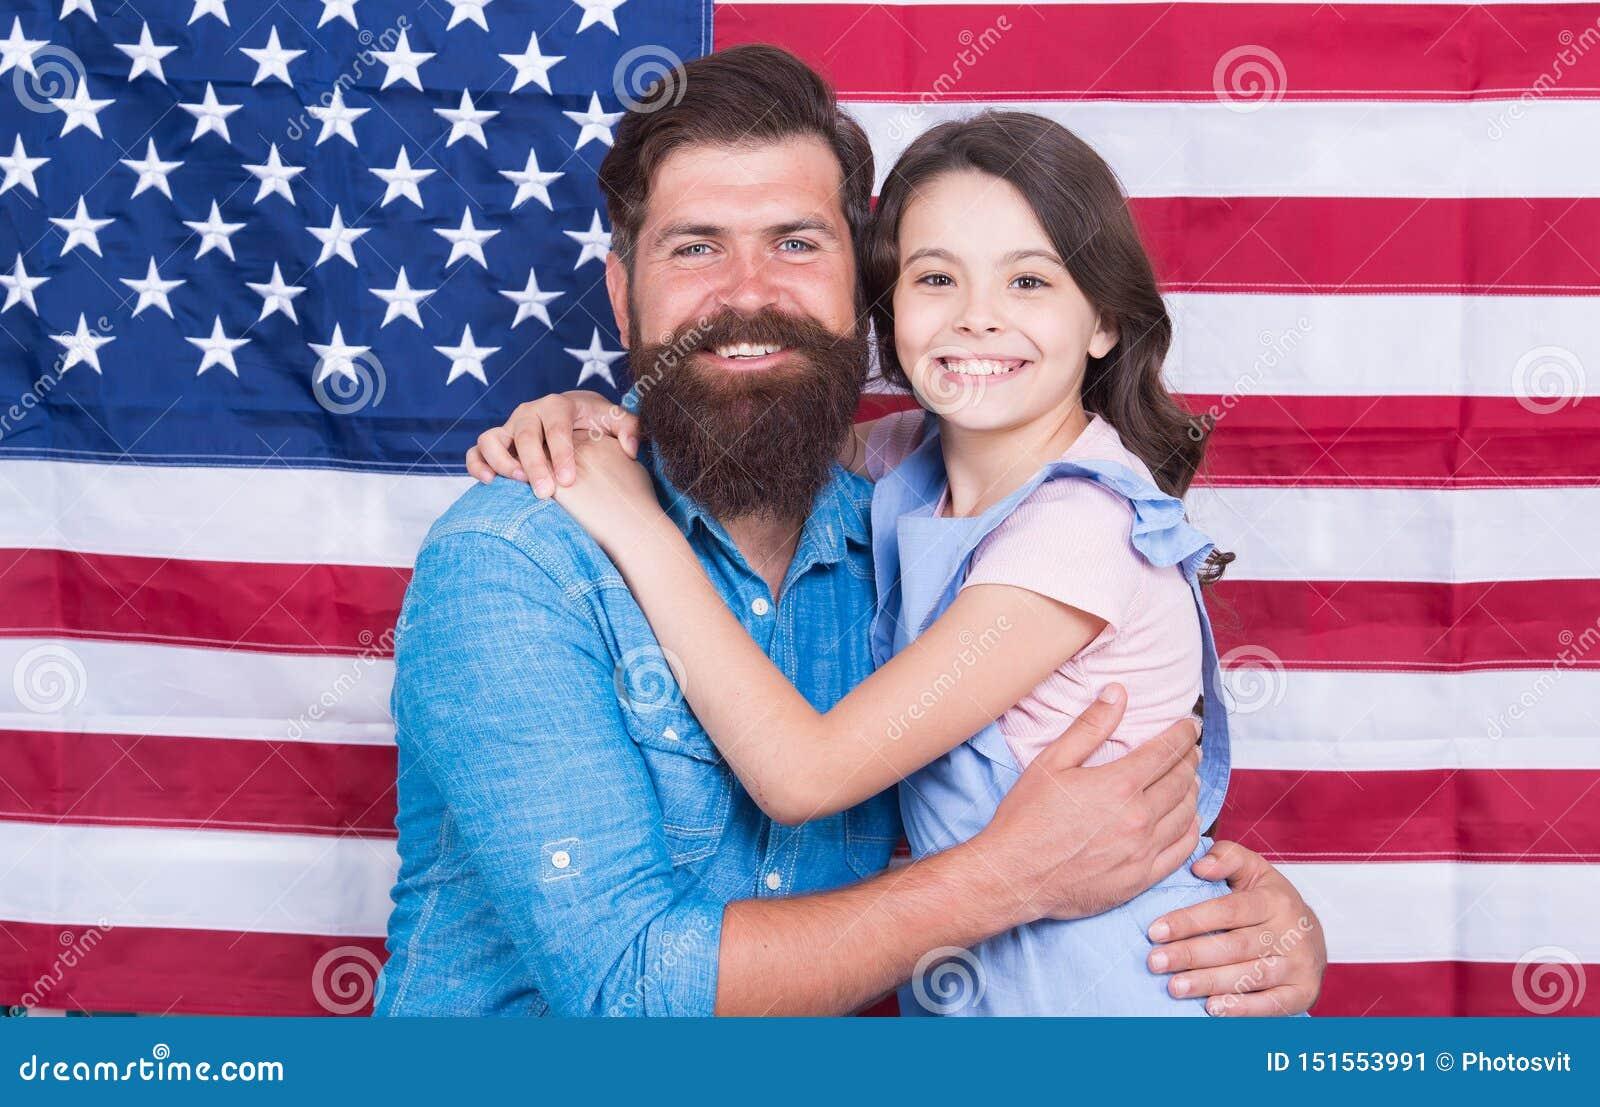 El derecho fundamental de la libertad La independencia es felicidad Día de fiesta del Día de la Independencia Cómo los americanos